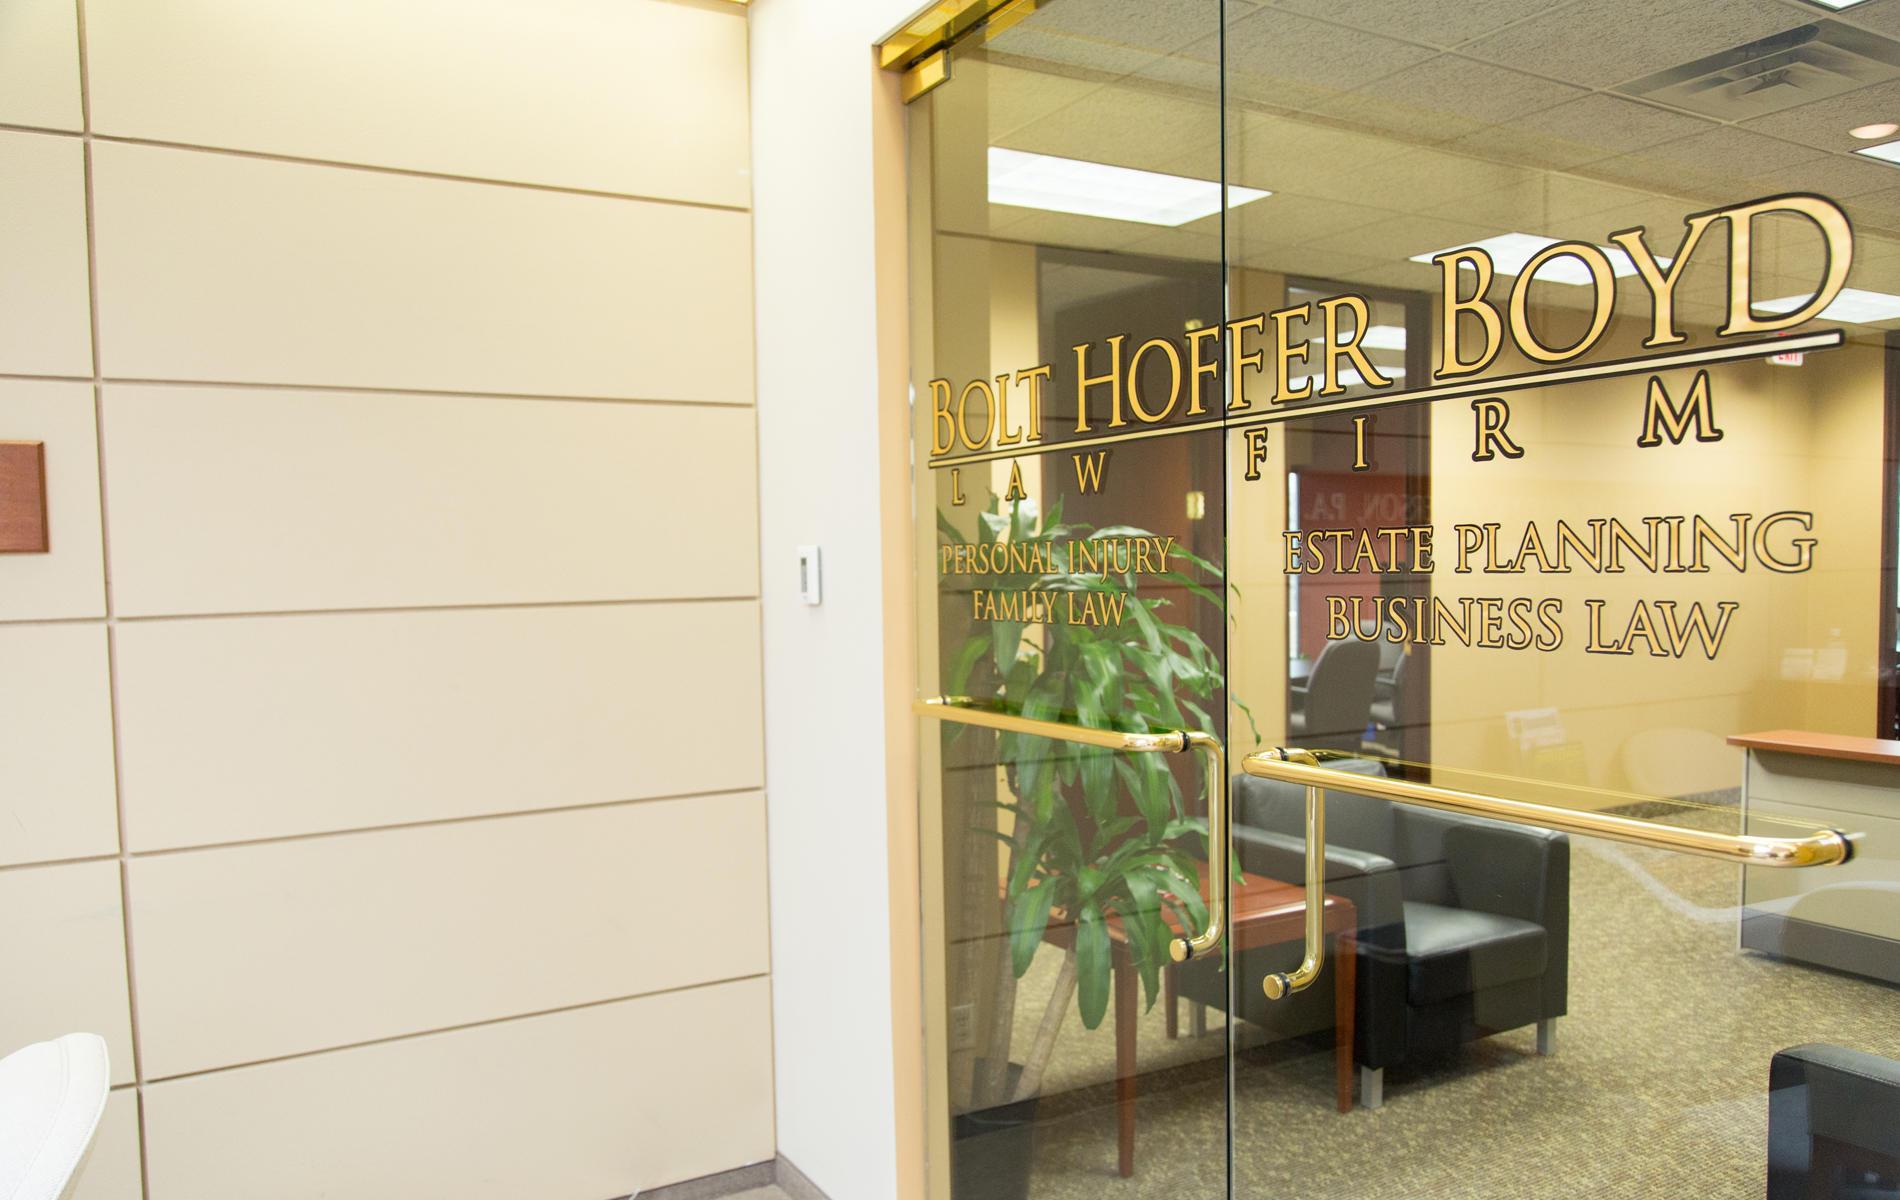 Bolt Hoffer Boyd Law Firm image 0